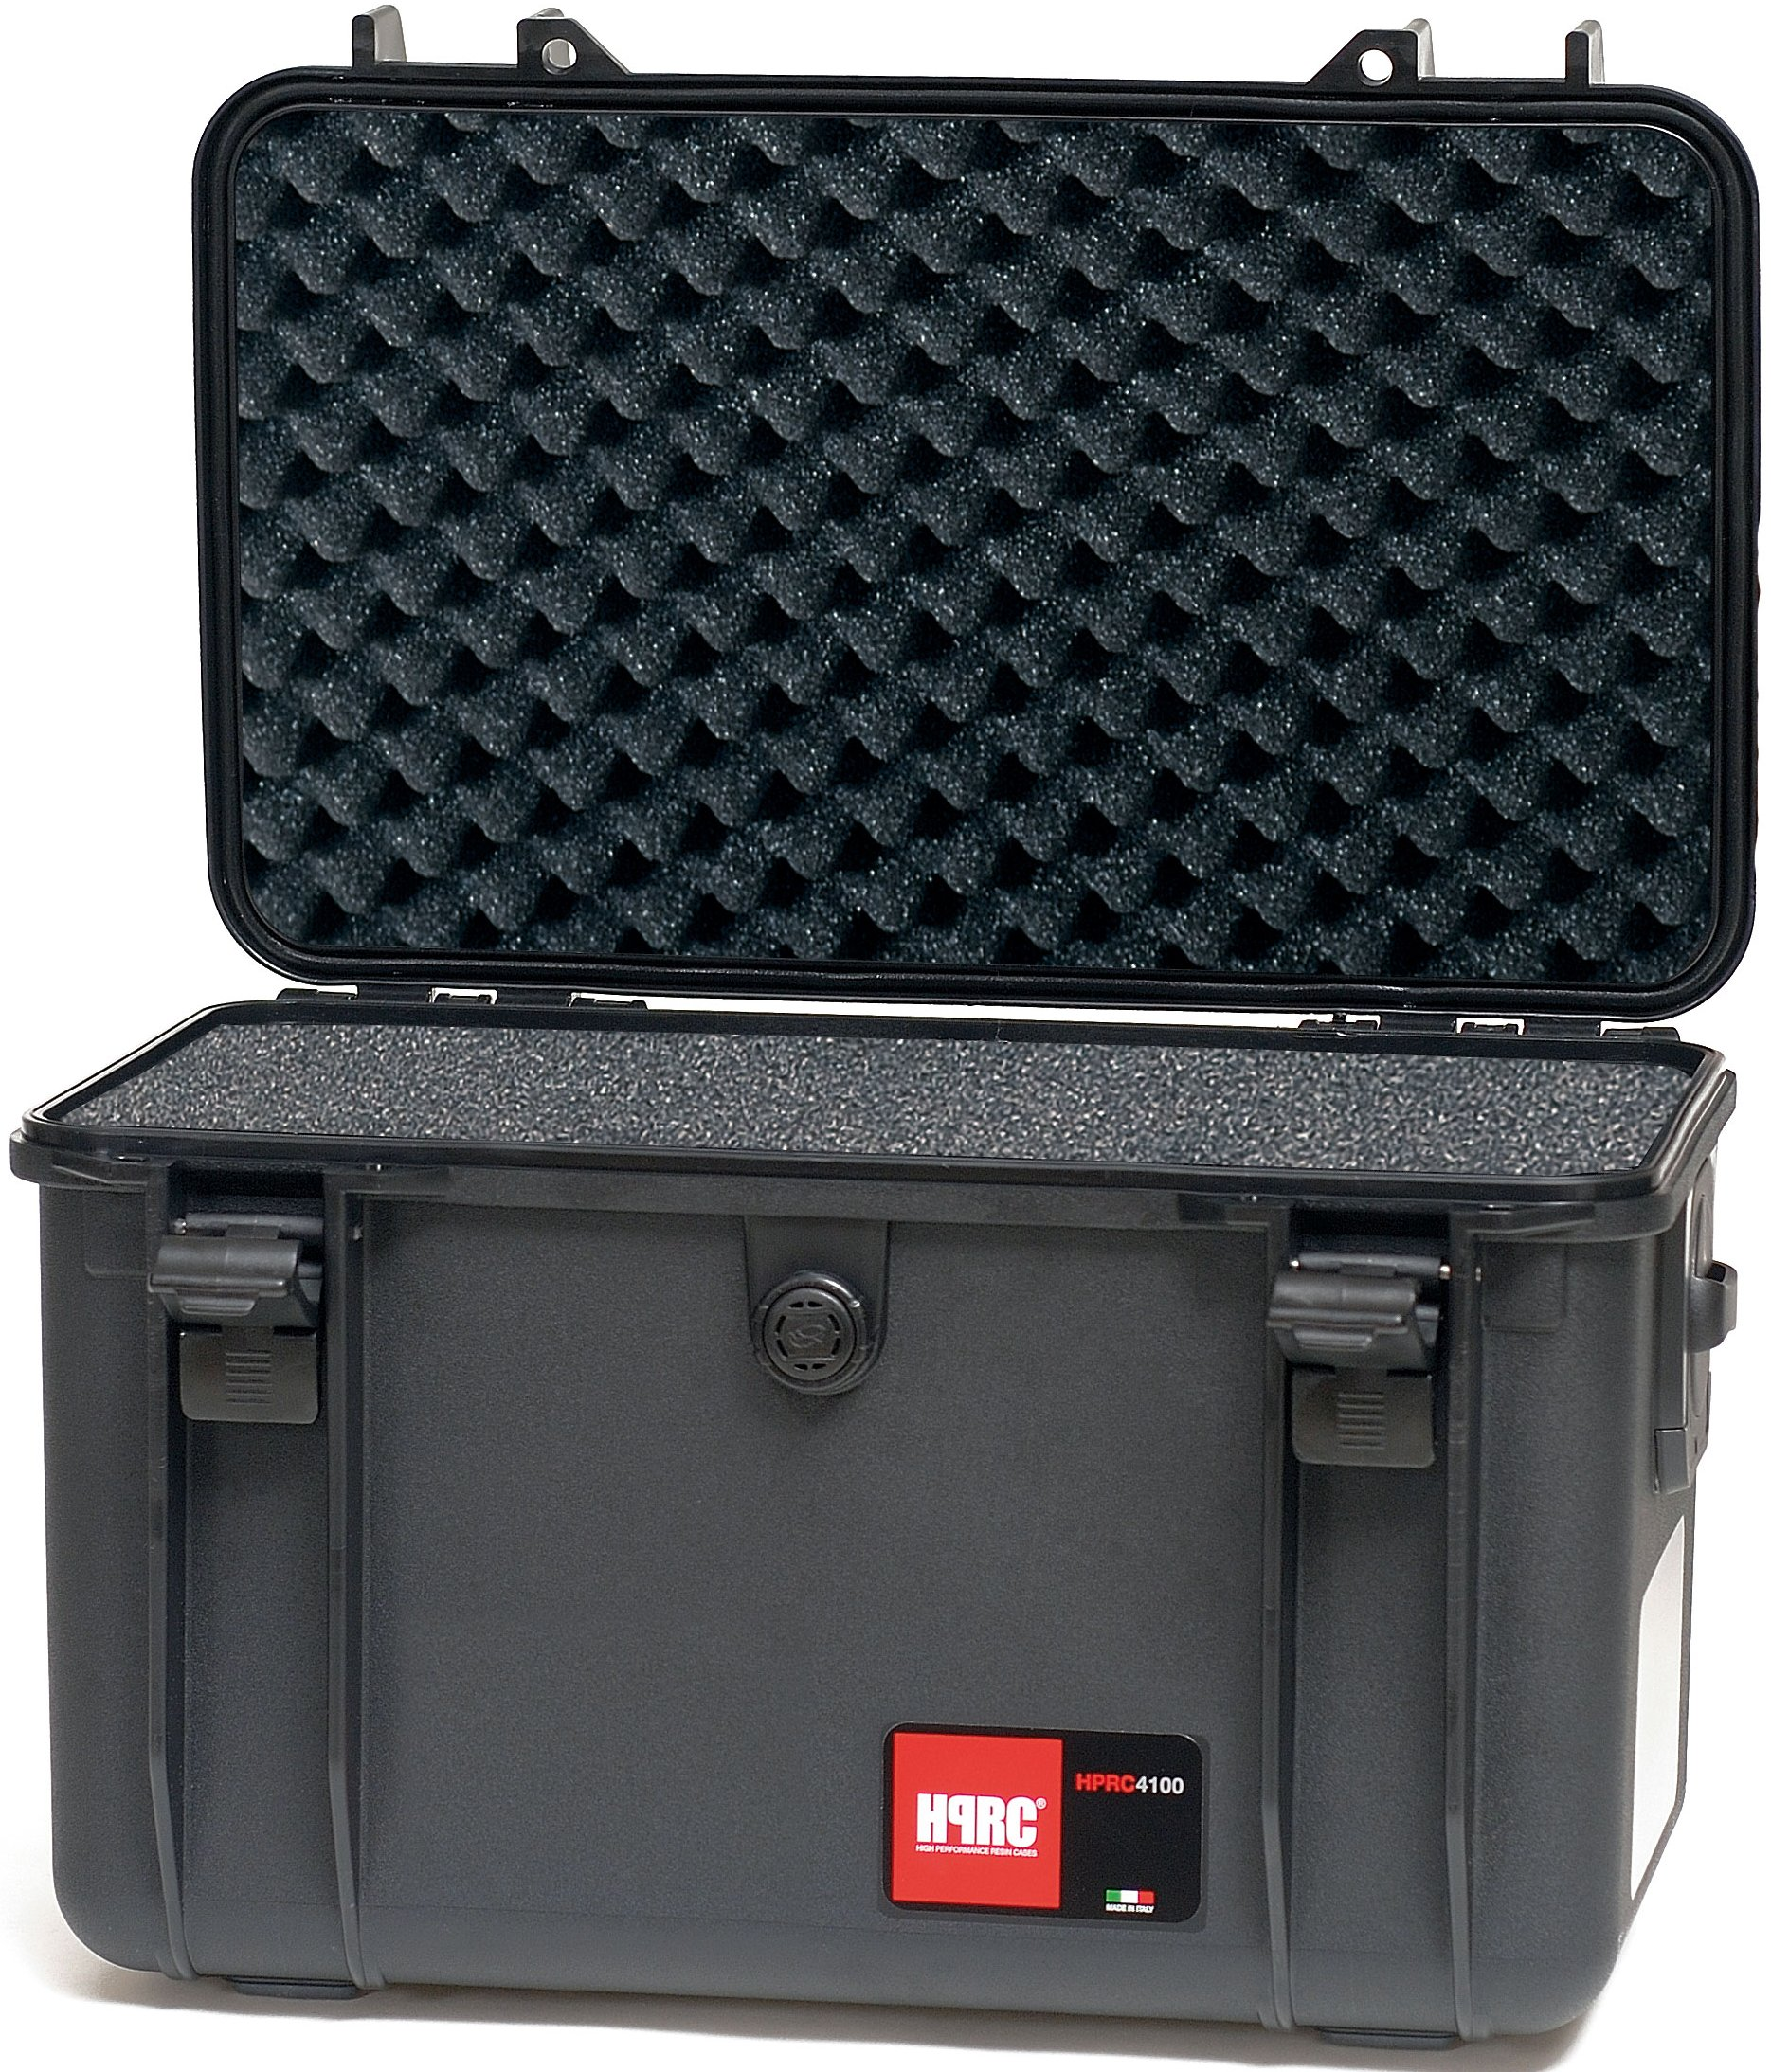 HPRC 4100 Case